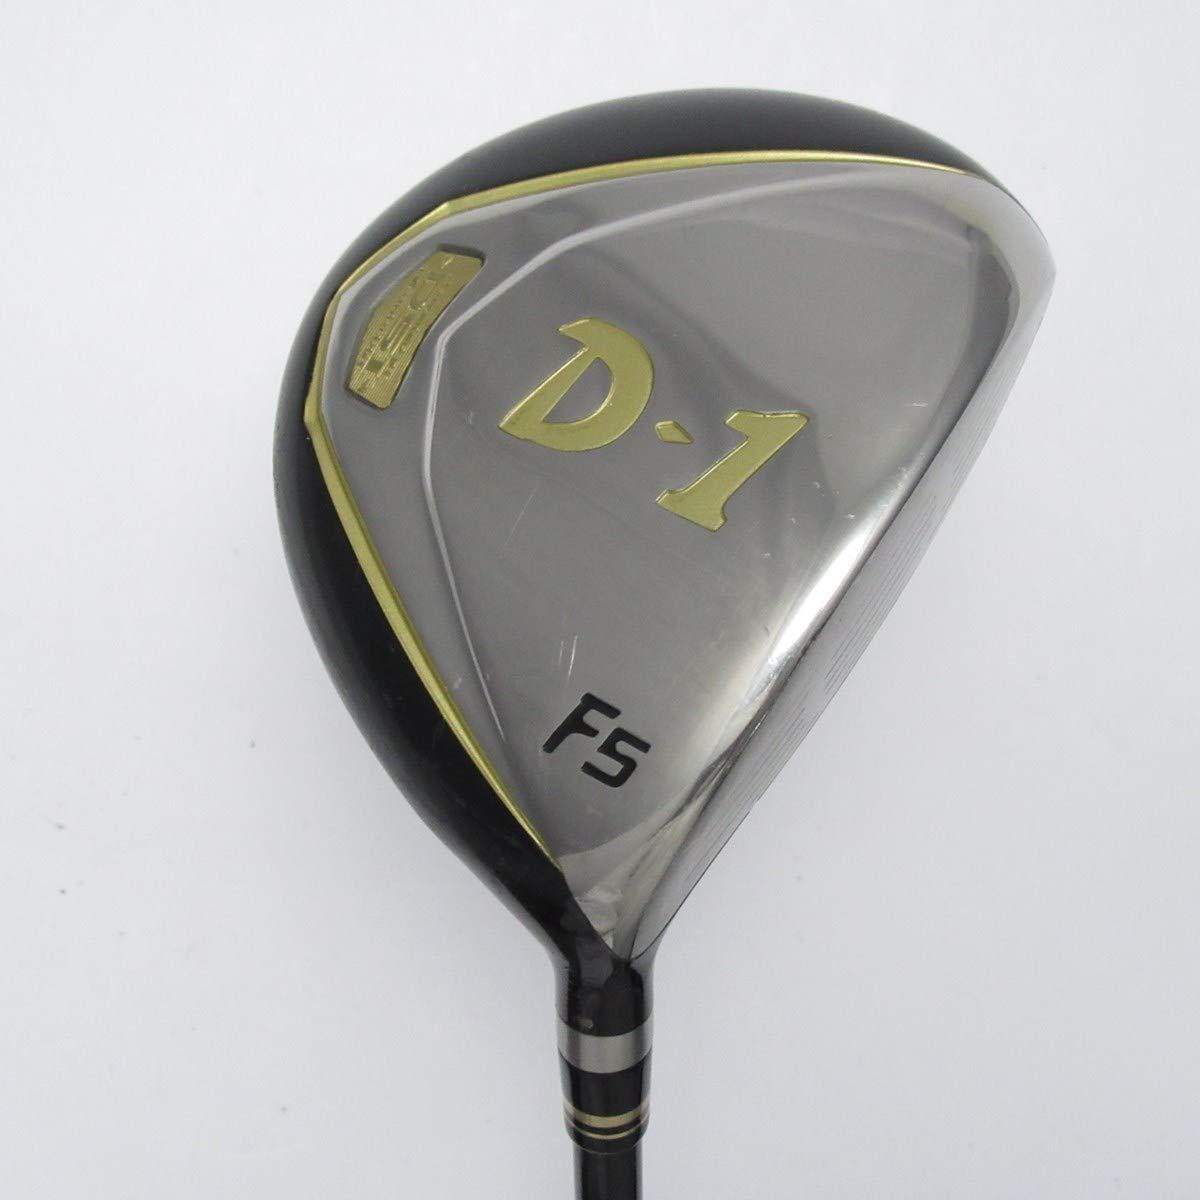 【中古】リョーマ ゴルフ RYOMA GOLF Ryoma D-1 F(メーカー公認中古) フェアウェイウッド Tour AD RYOMA F 【5W】 B07MTPVDM3  R